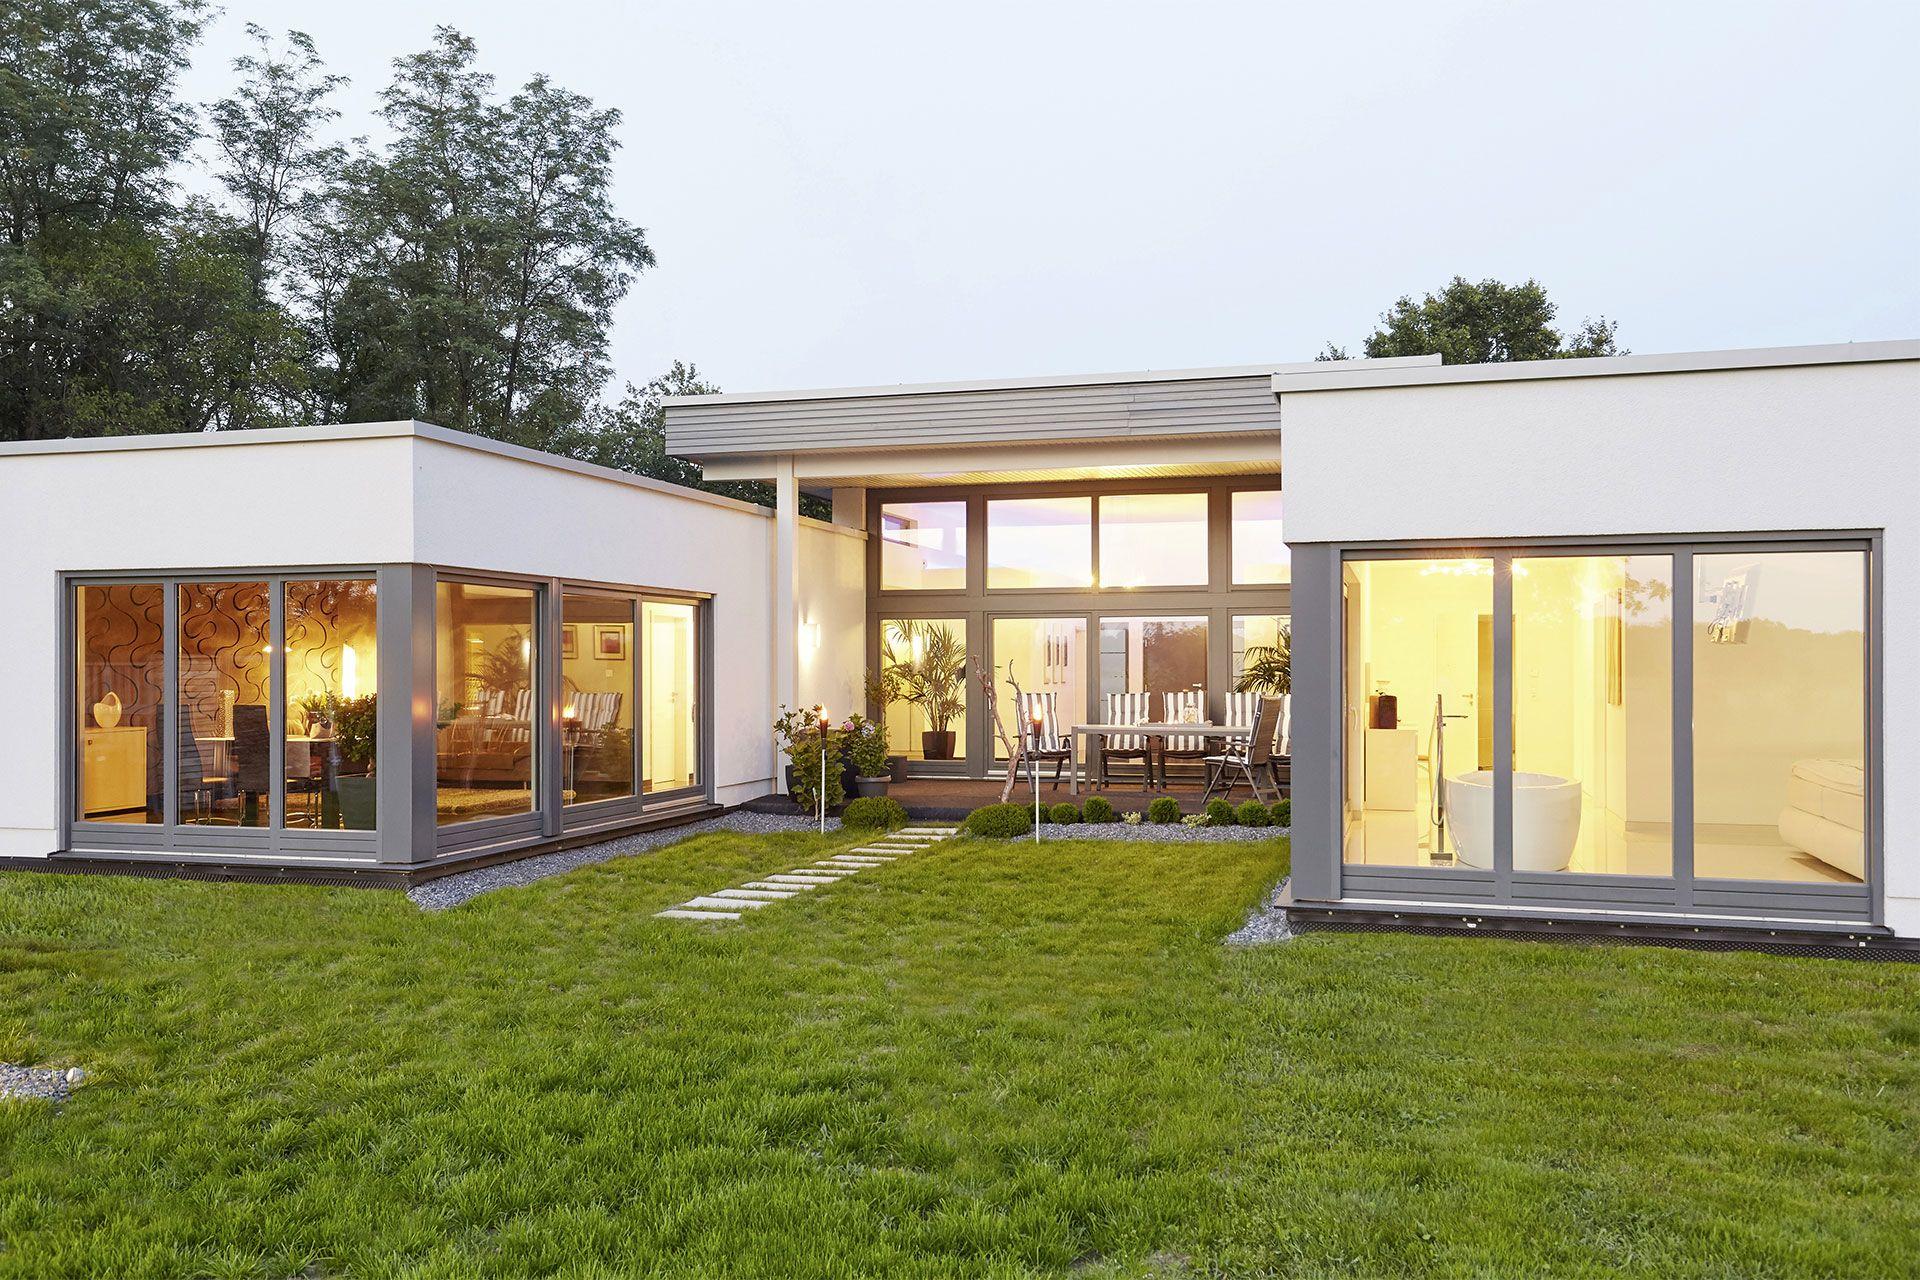 der bungalow praktisch und barrierearm in 2019 alex hausbau pinterest haus bungalow und. Black Bedroom Furniture Sets. Home Design Ideas